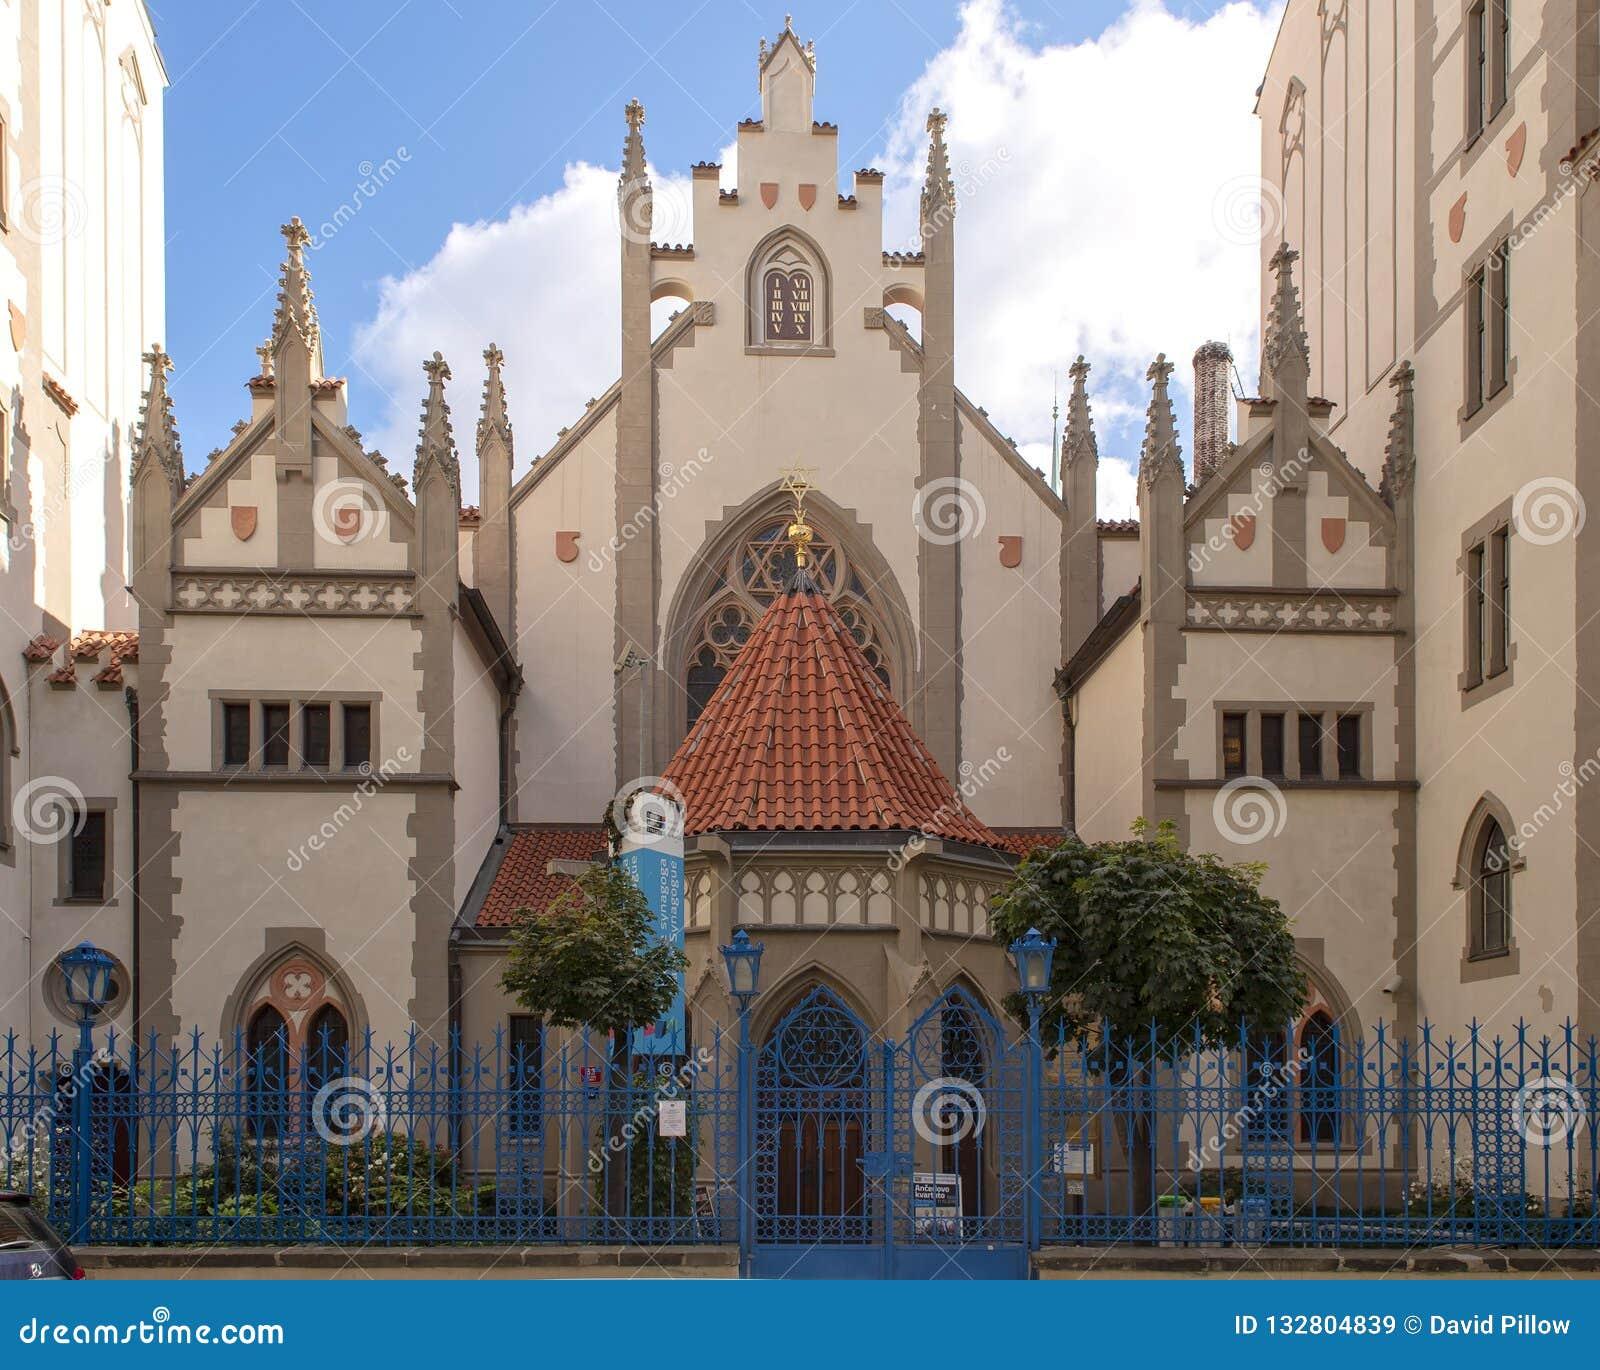 Συναγωγή Maisel, ιστορικό μνημείο του πρώην εβραϊκού τετάρτου της Πράγας